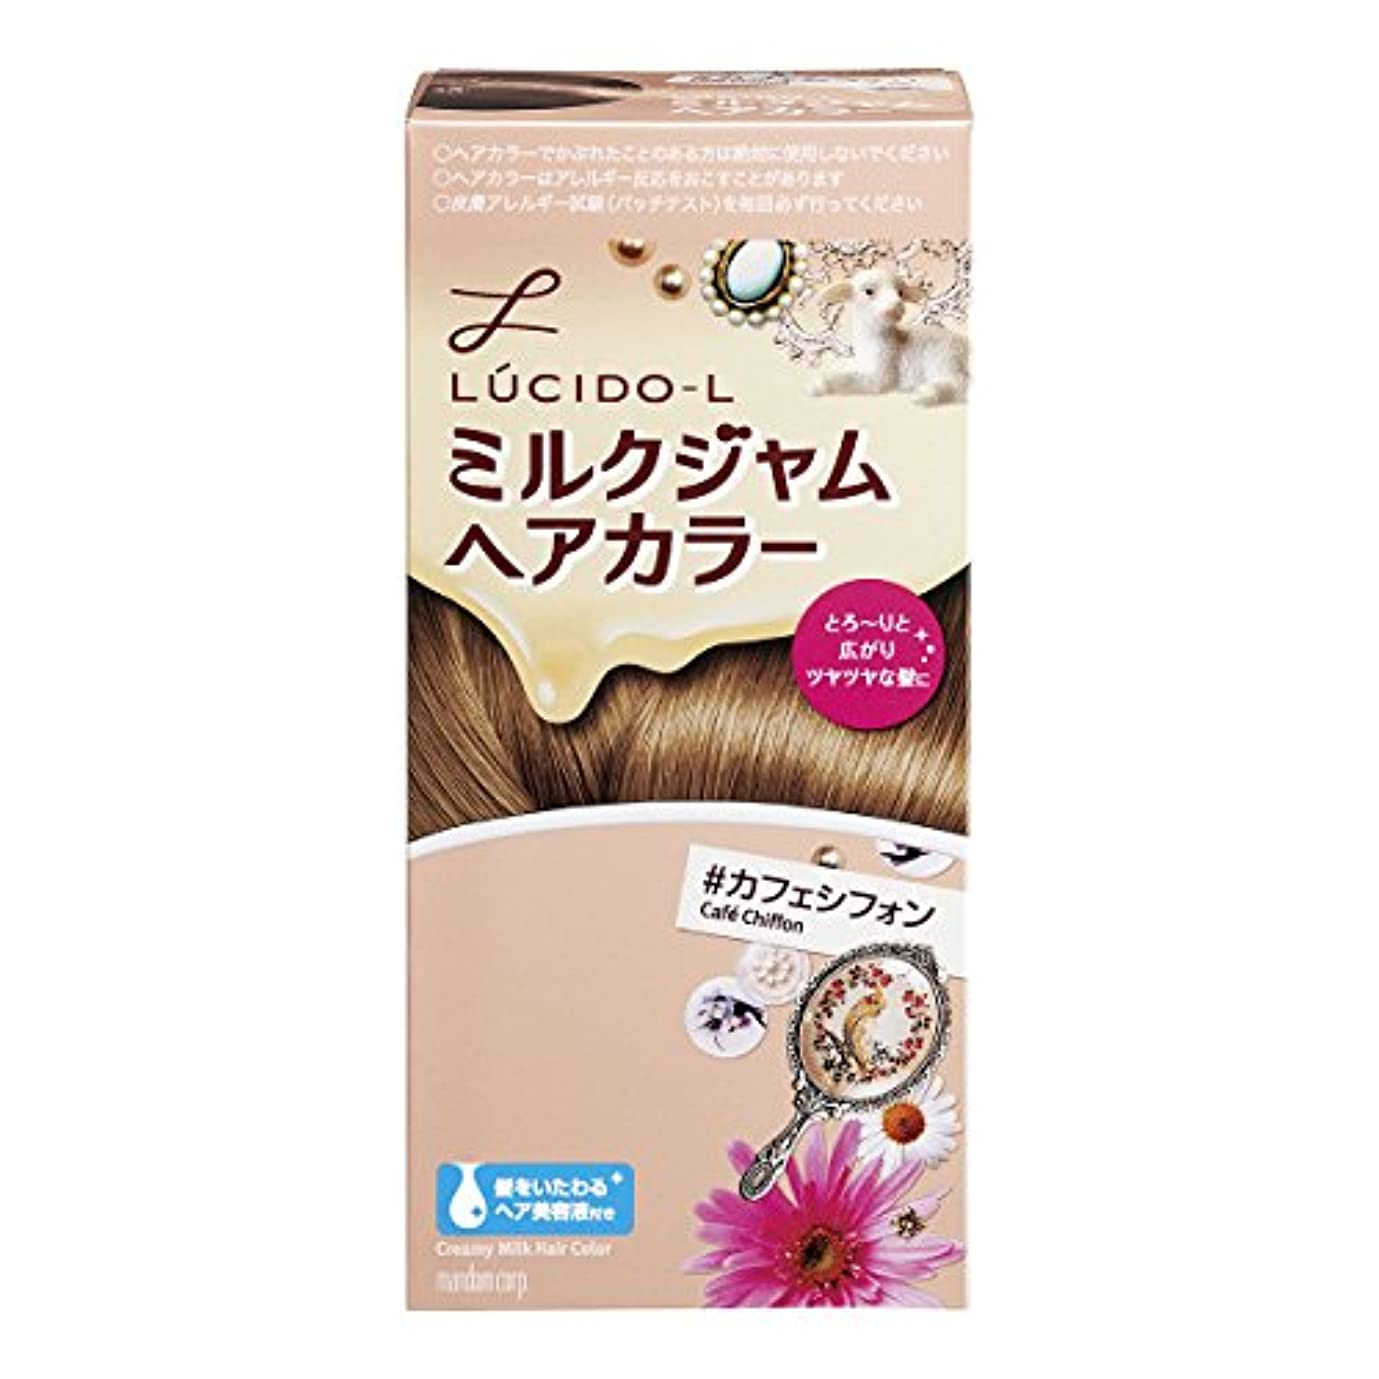 にもかかわらず全く器用LUCIDO-L (ルシードエル) ミルクジャムヘアカラー #カフェシフォン(医薬部外品) (1剤40g 2剤80mL TR5g)